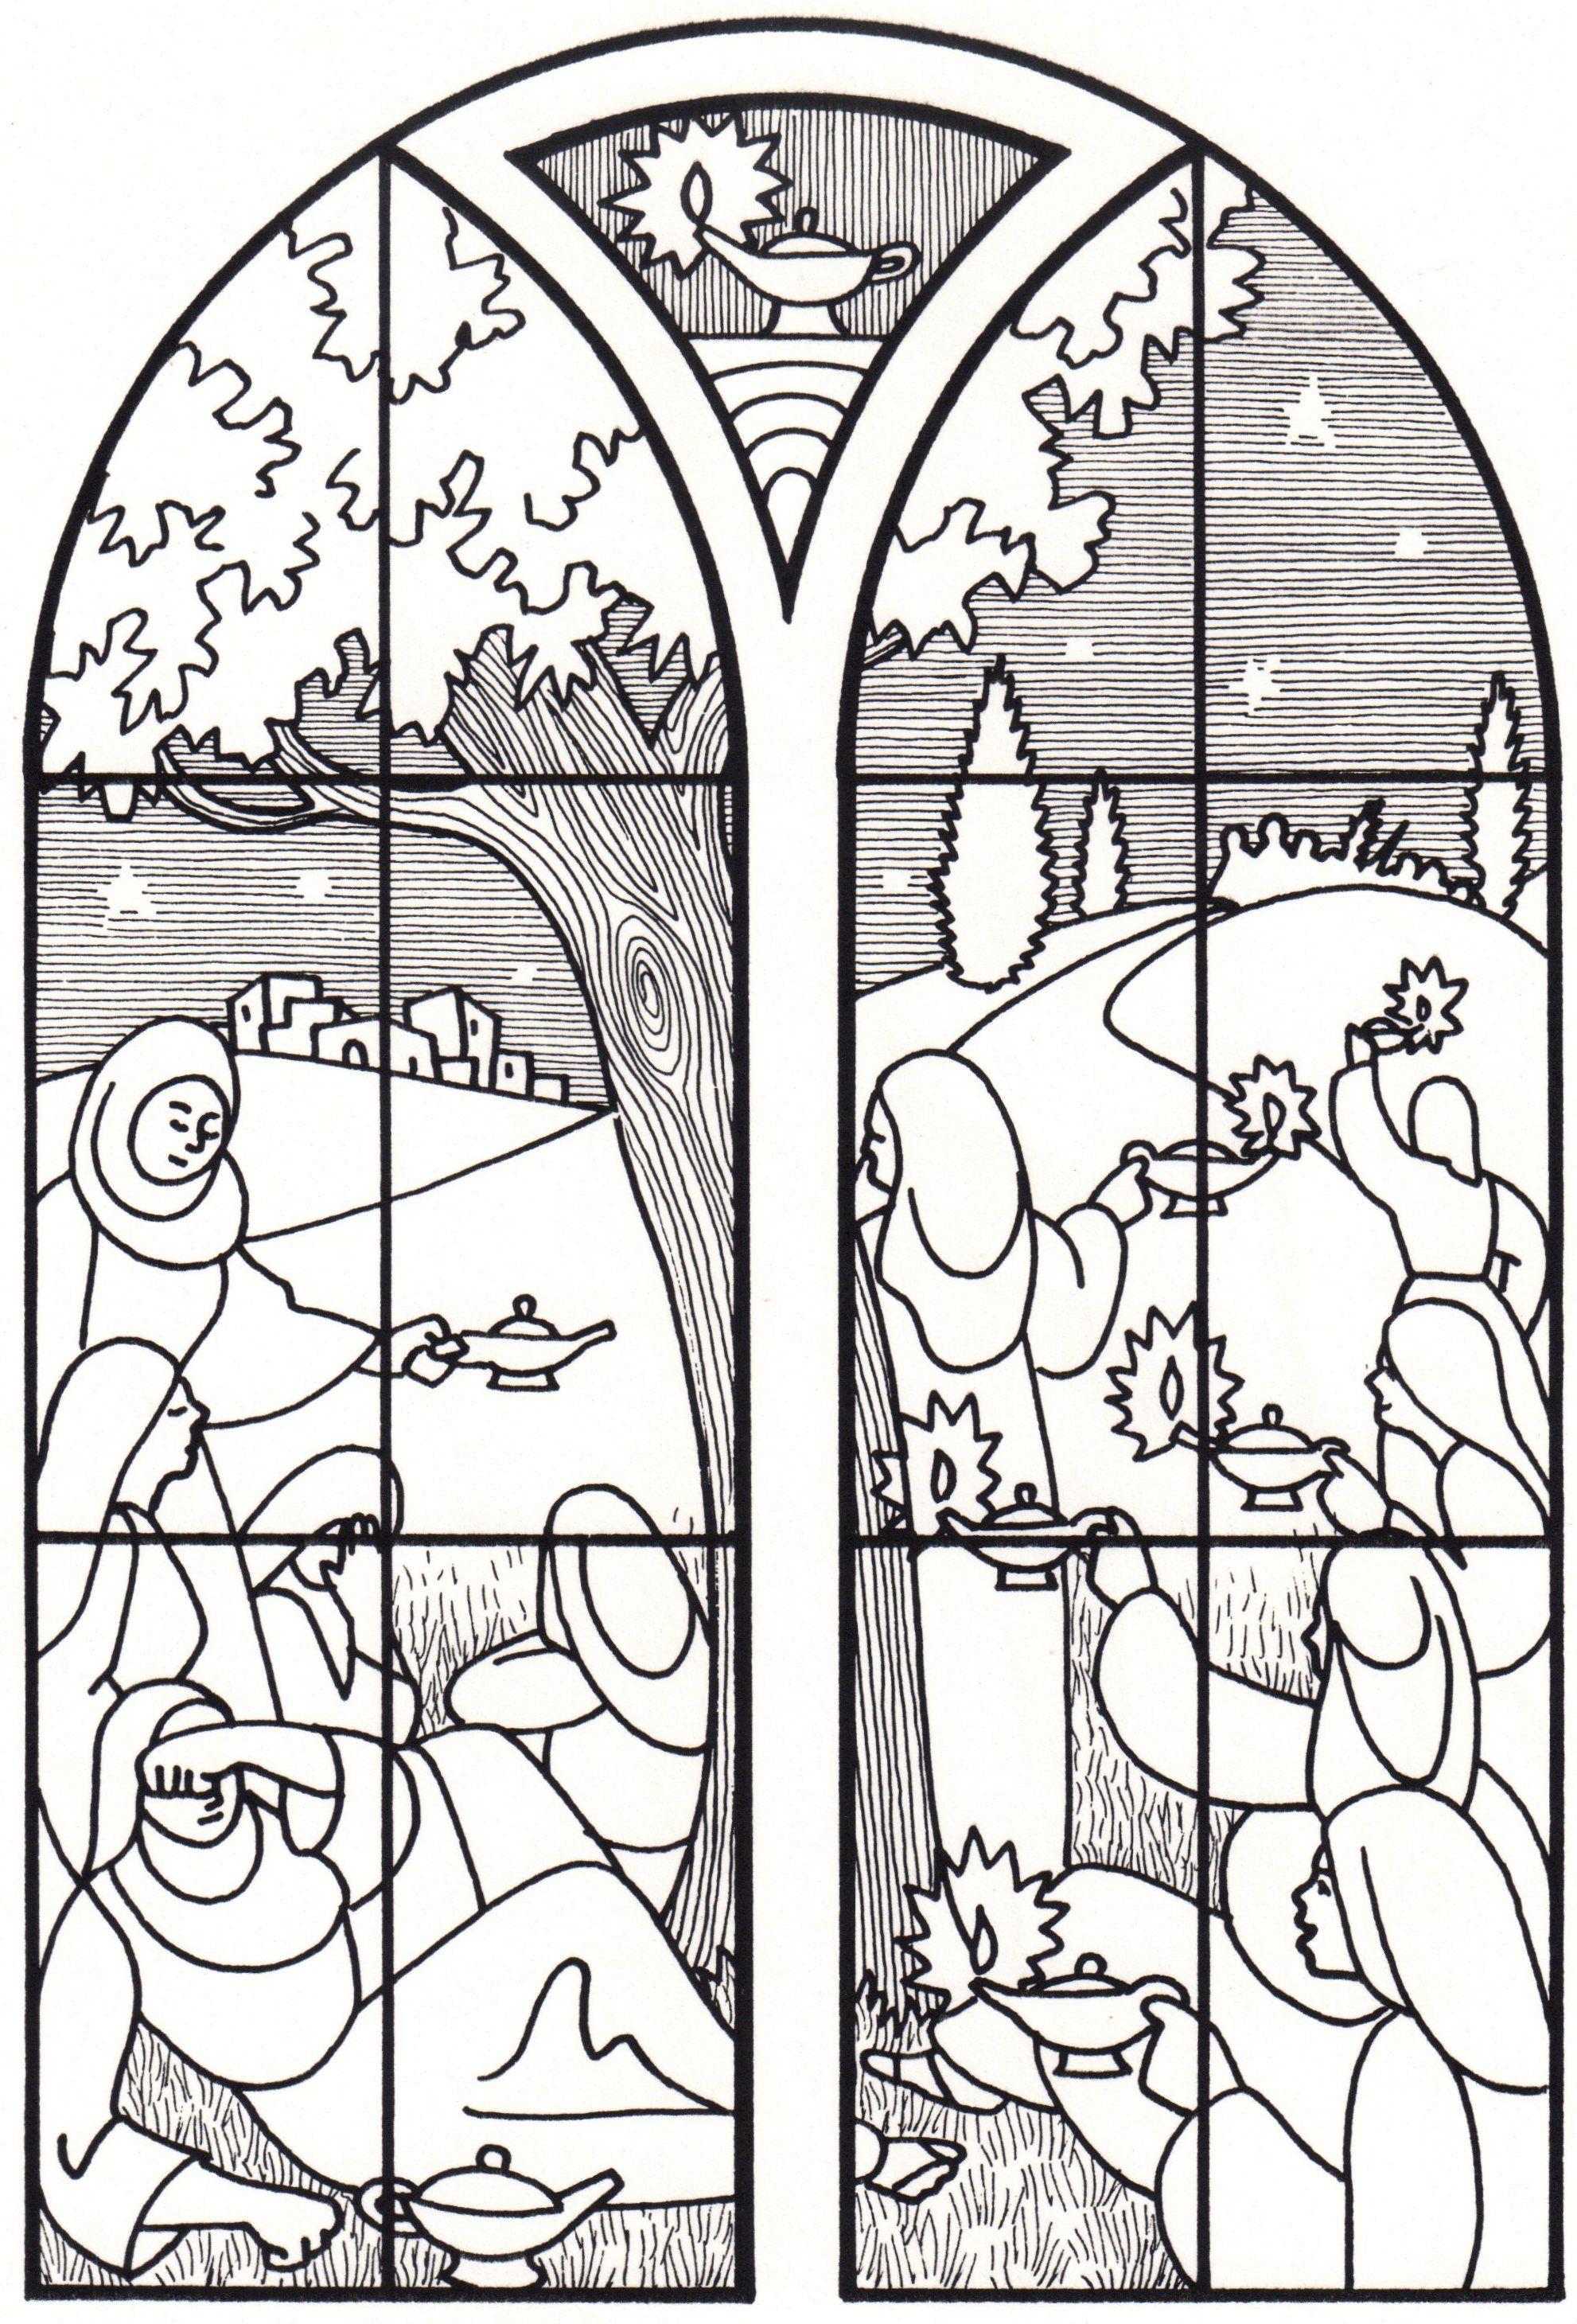 Erfreut Jesus Färbung Bilder Zeitgenössisch - Malvorlagen Von Tieren ...